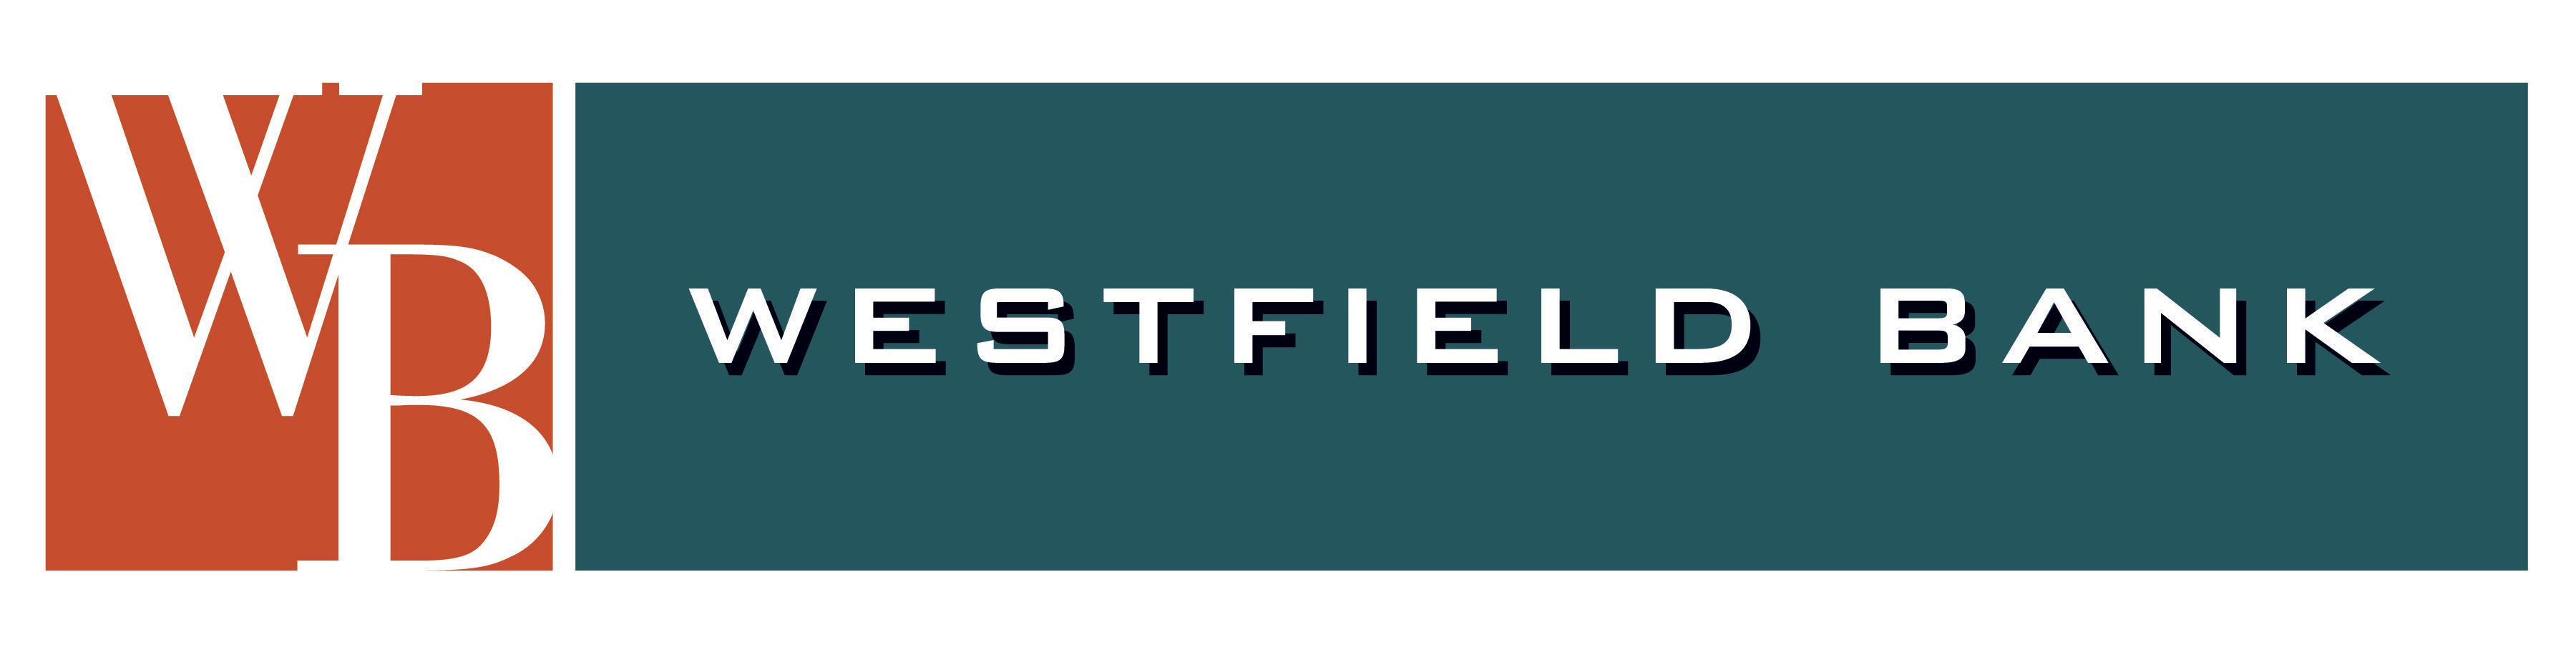 Image result for westfield bank logo logo